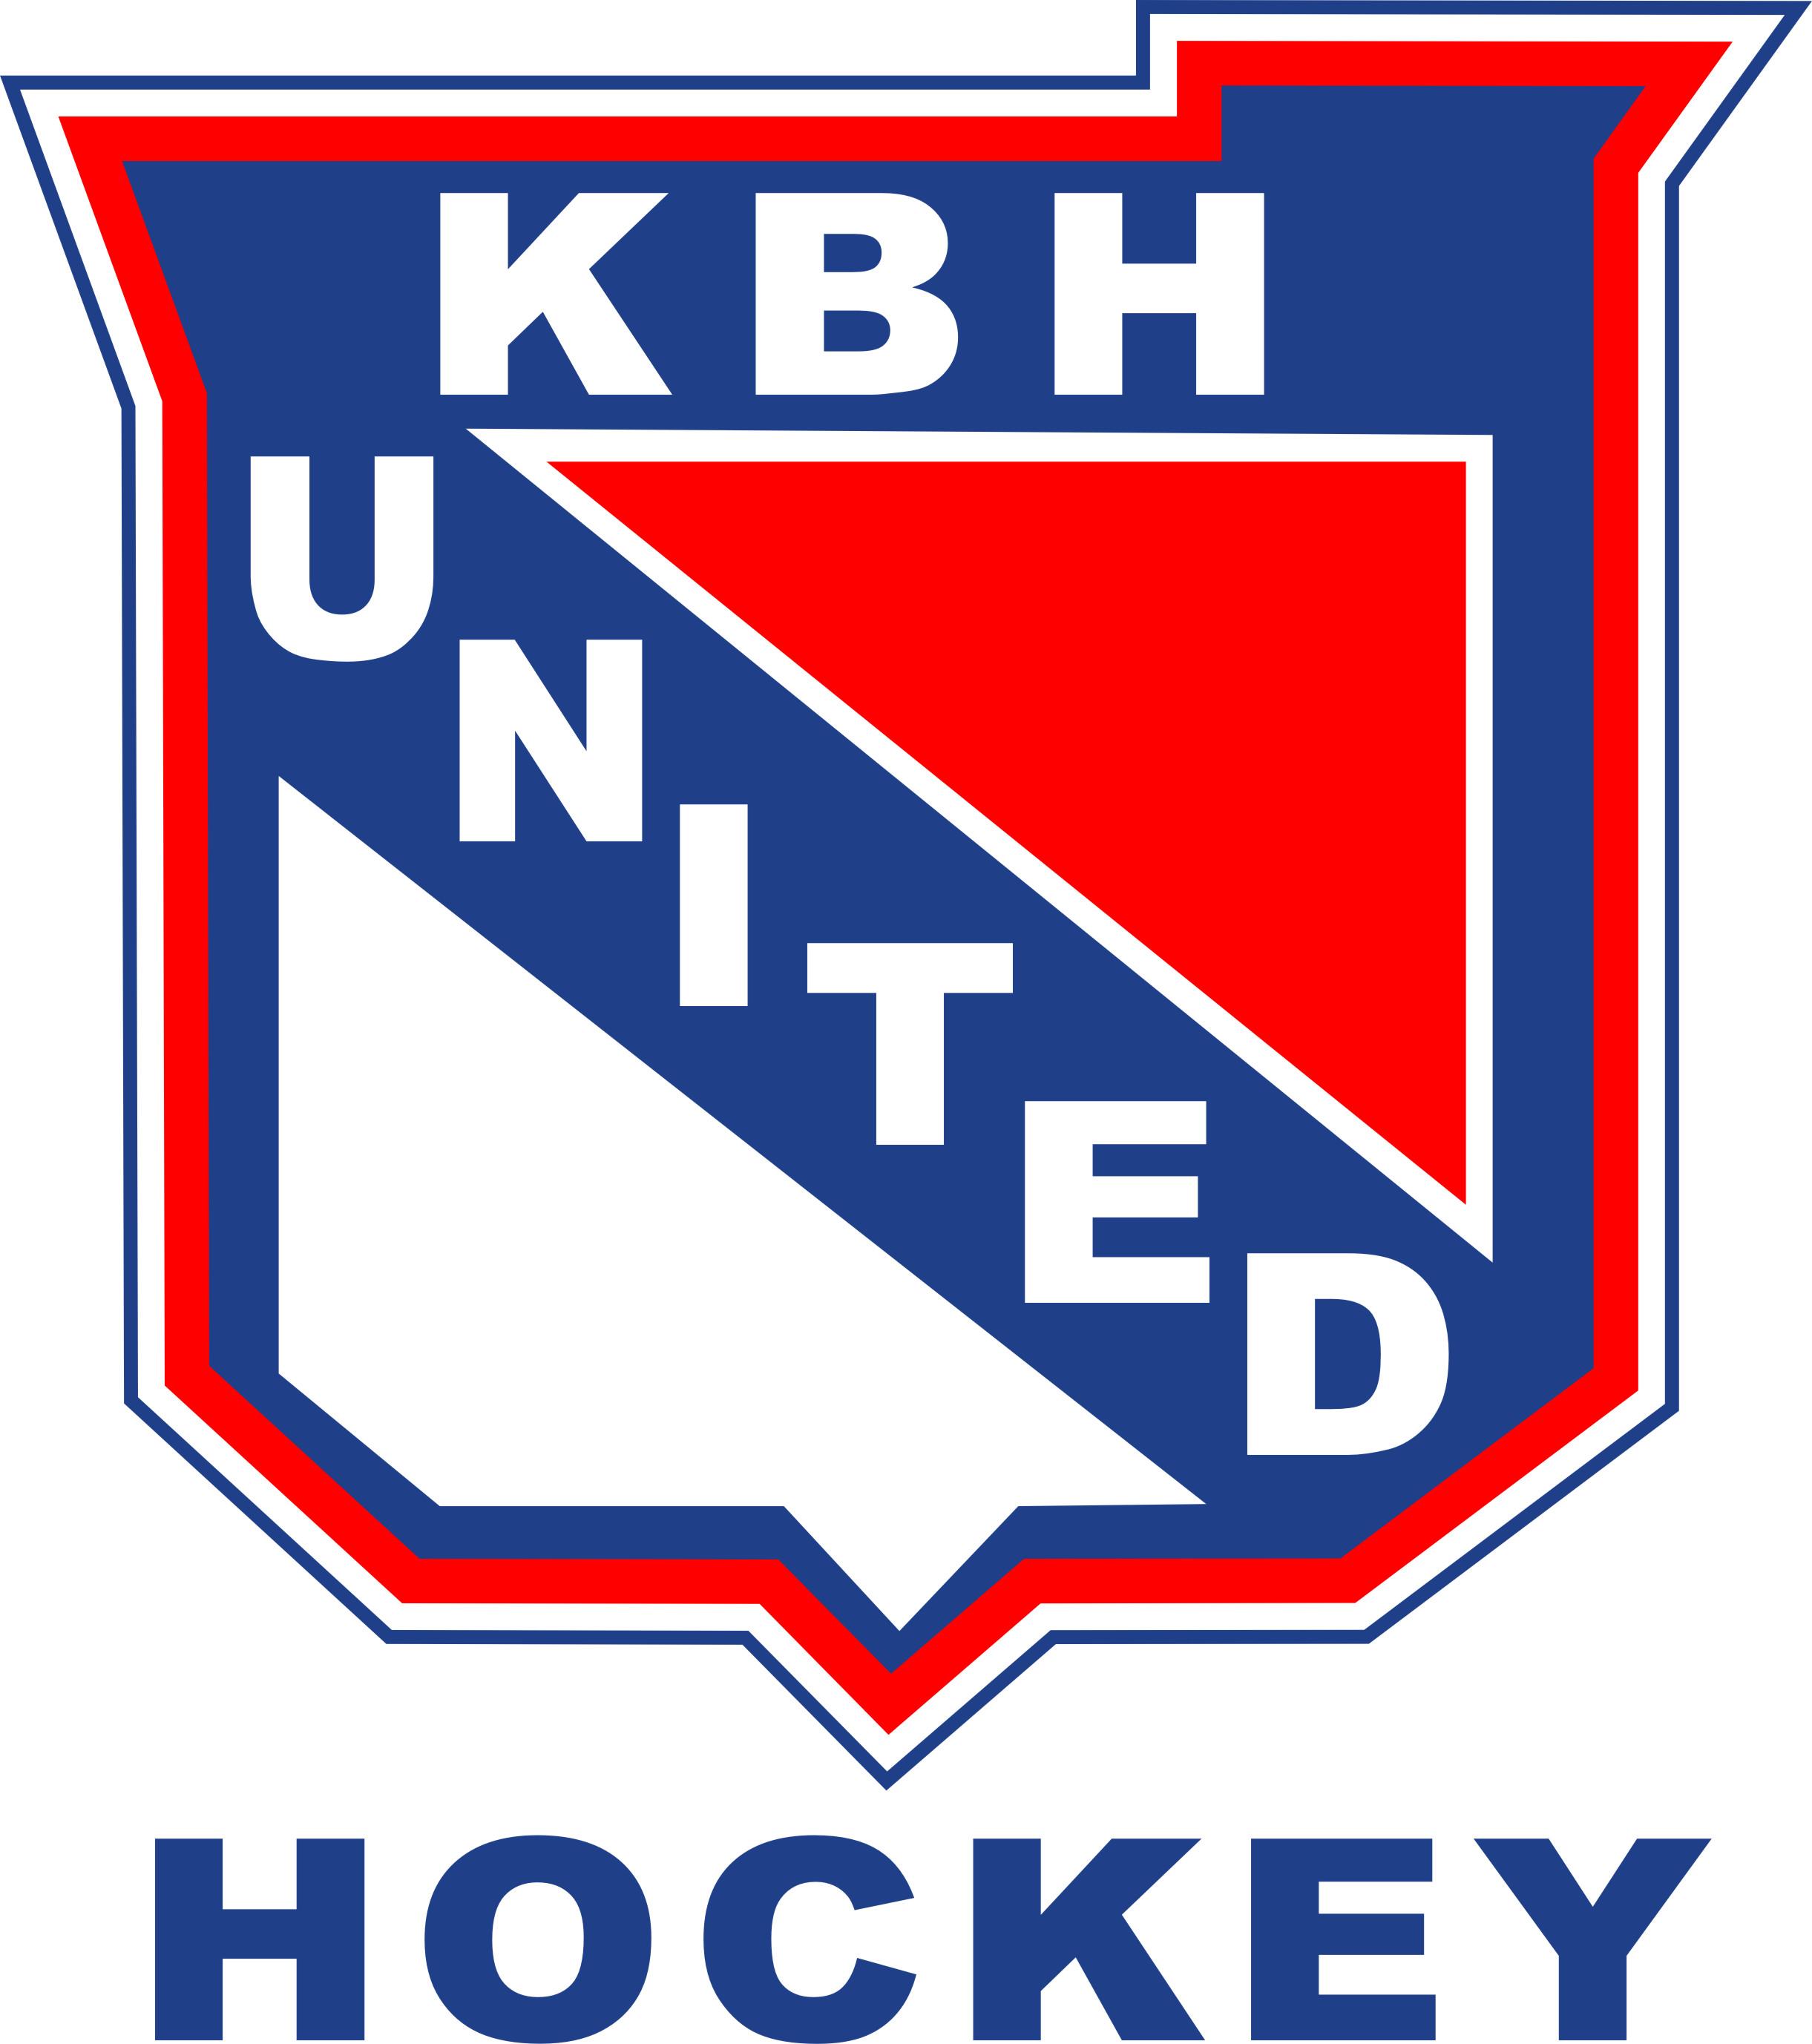 Kbh united